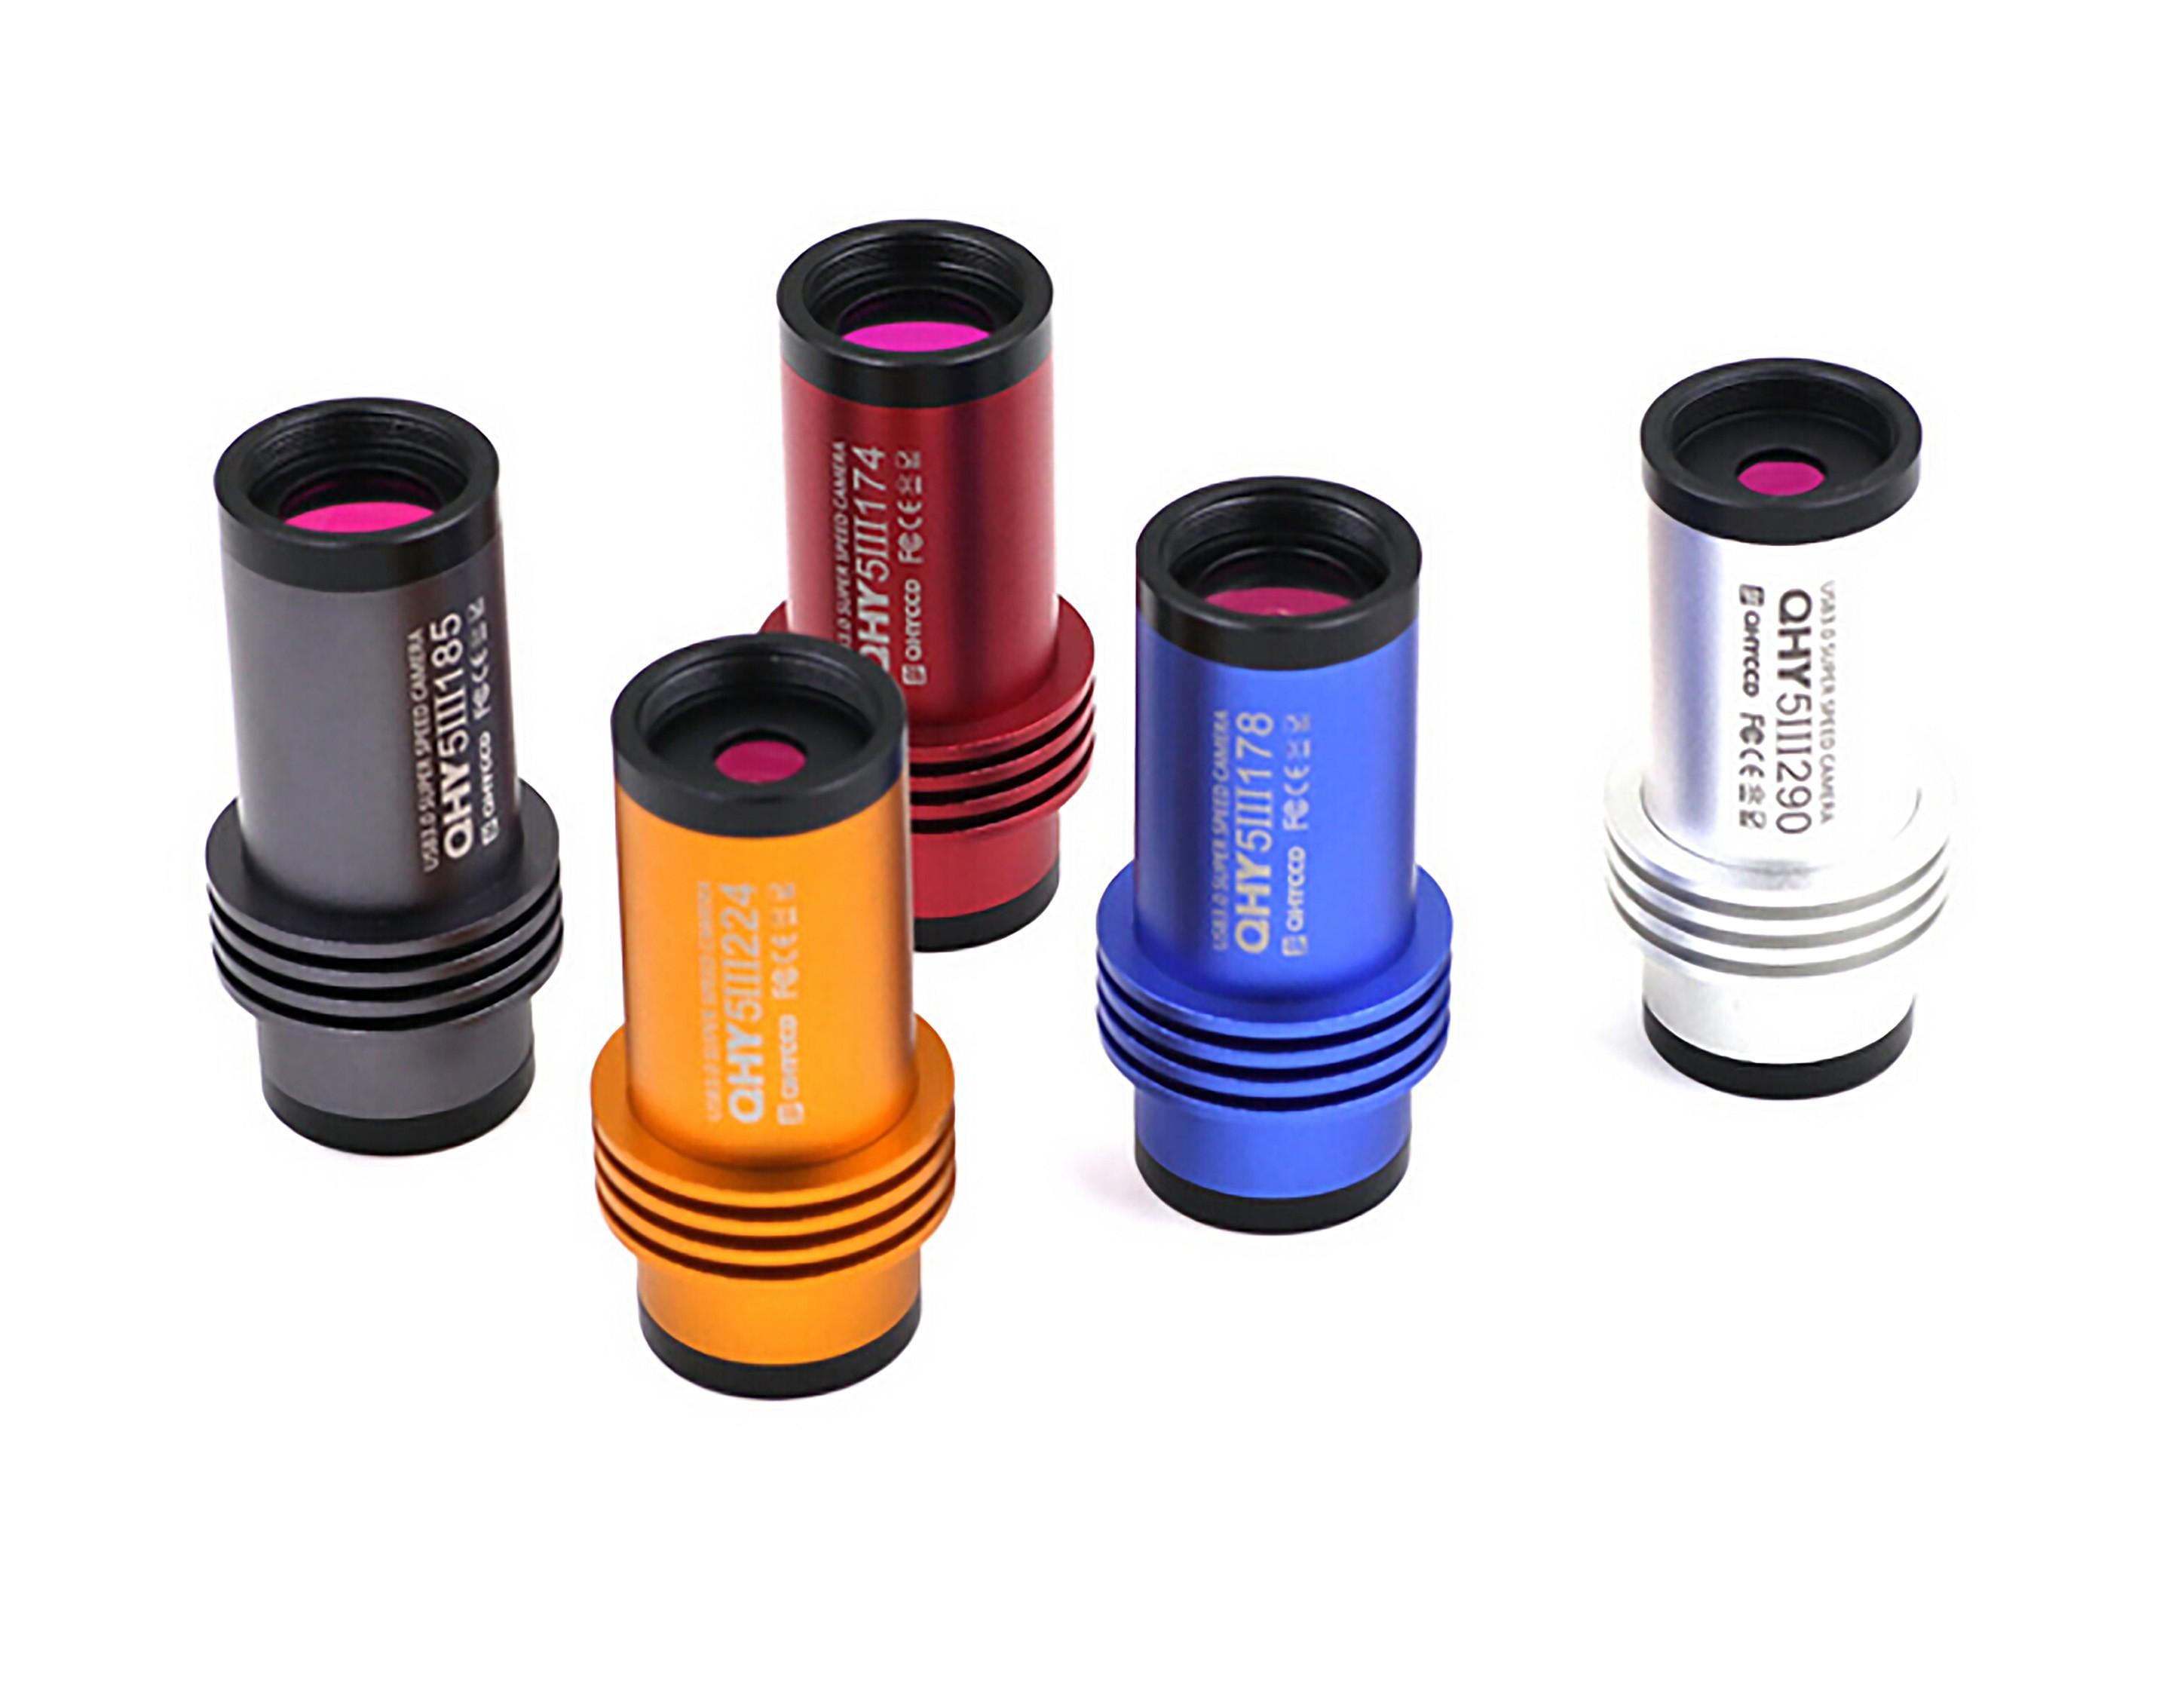 QHY 5-III Serie USB 3.0 Guiding und Planetenkameras (verschiedene Versionen erhältlich)